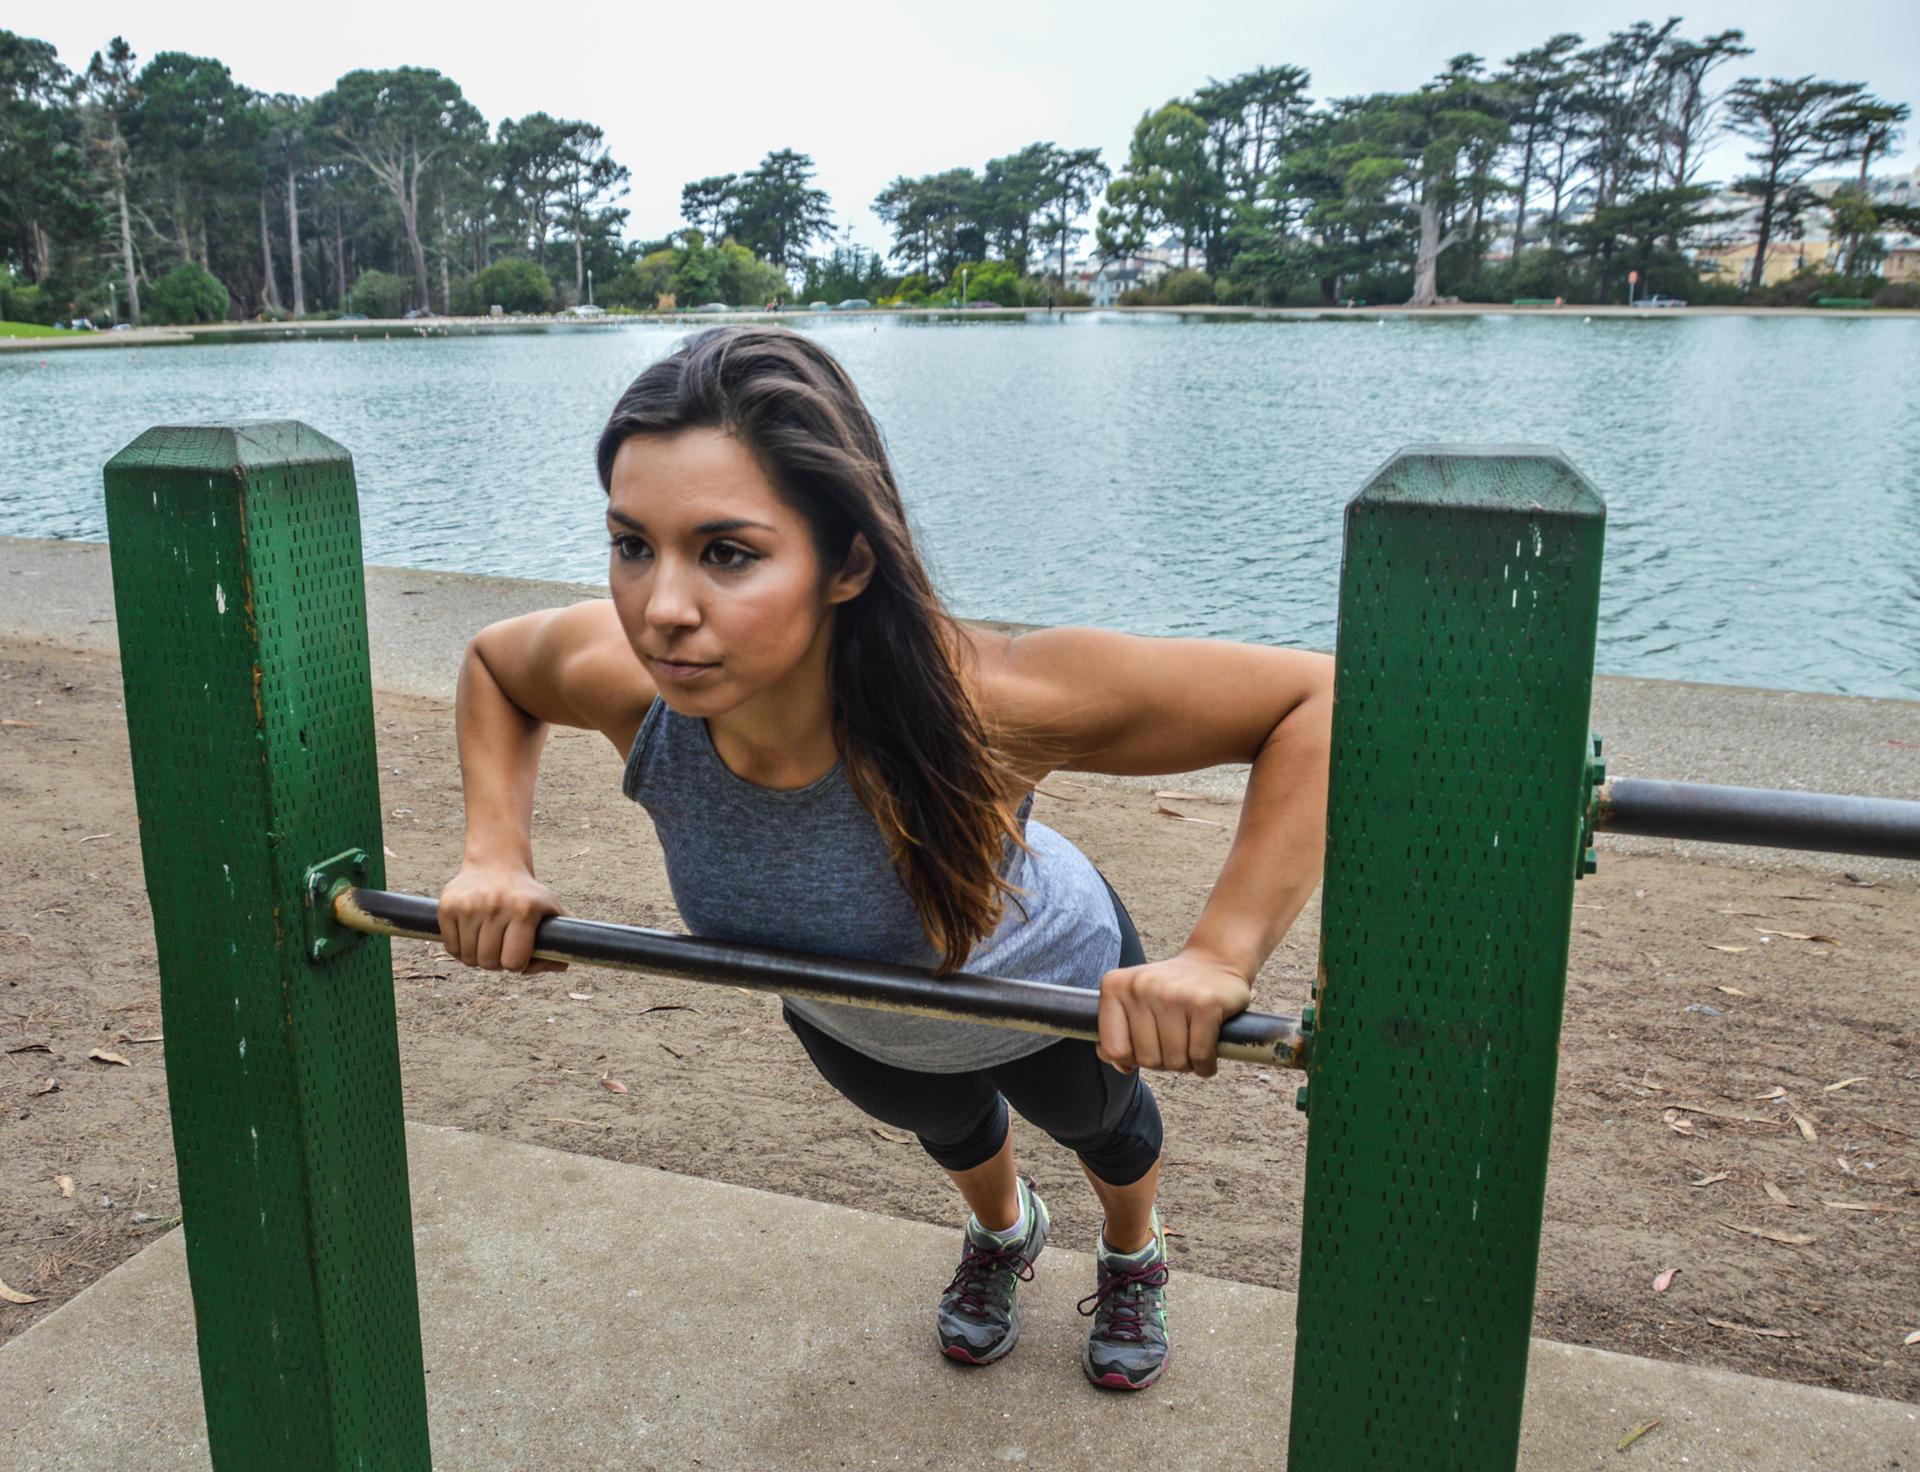 Klettergerüst Calisthenics : Trainingsplan calisthenics Übungen für fortgeschritten sofimo